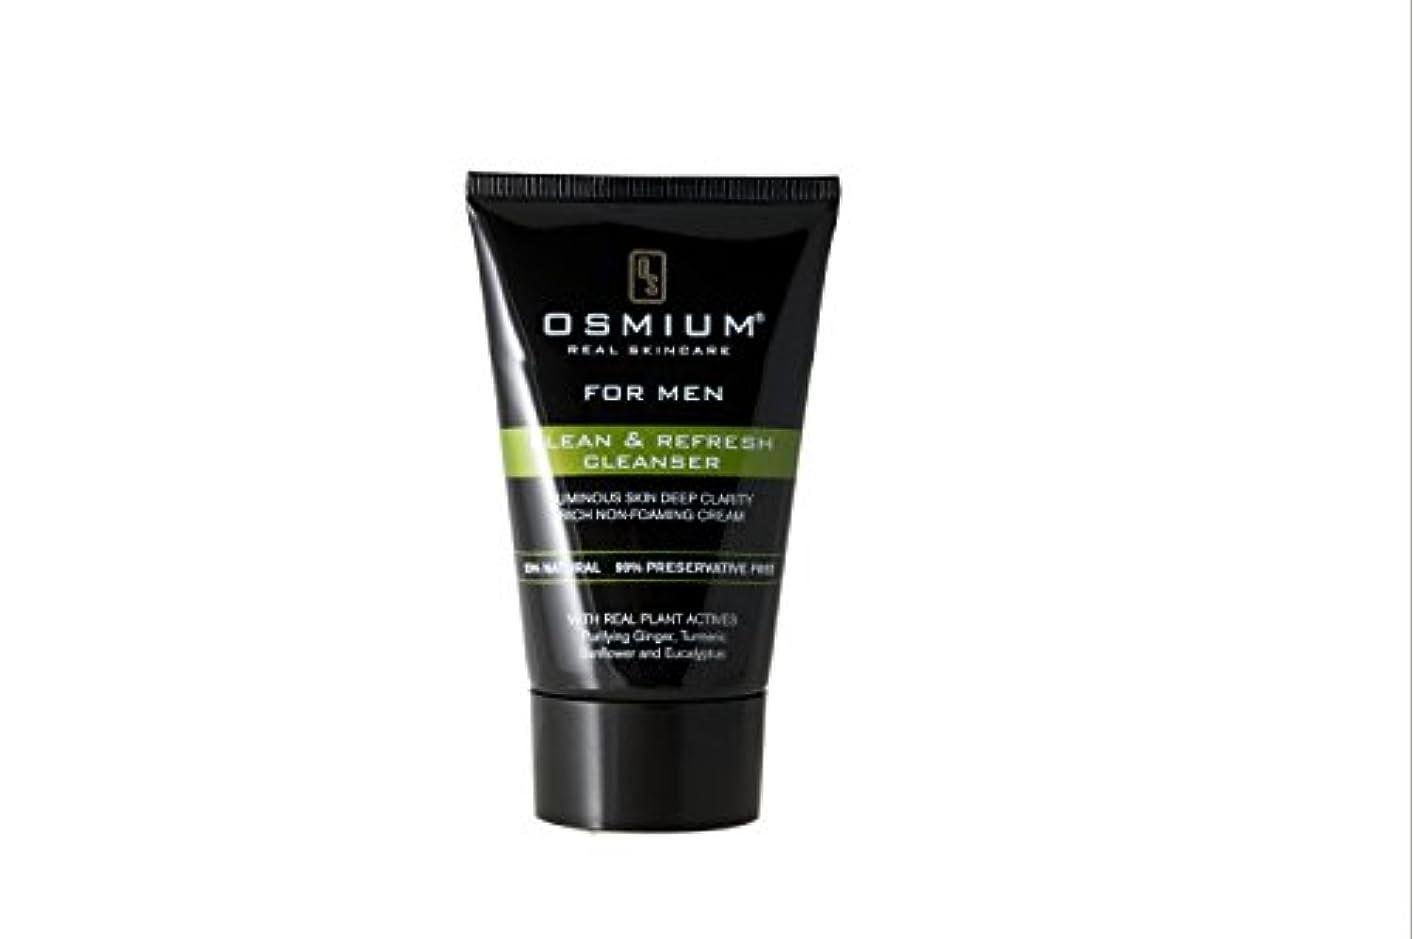 ノート悪用うんOsmium Clean & Refresh Face Wash 120ml, Natural, London,Osmium 天然成分配合 洗顔ソープ 清潔、爽やか ロンドン製 [並行輸入品]